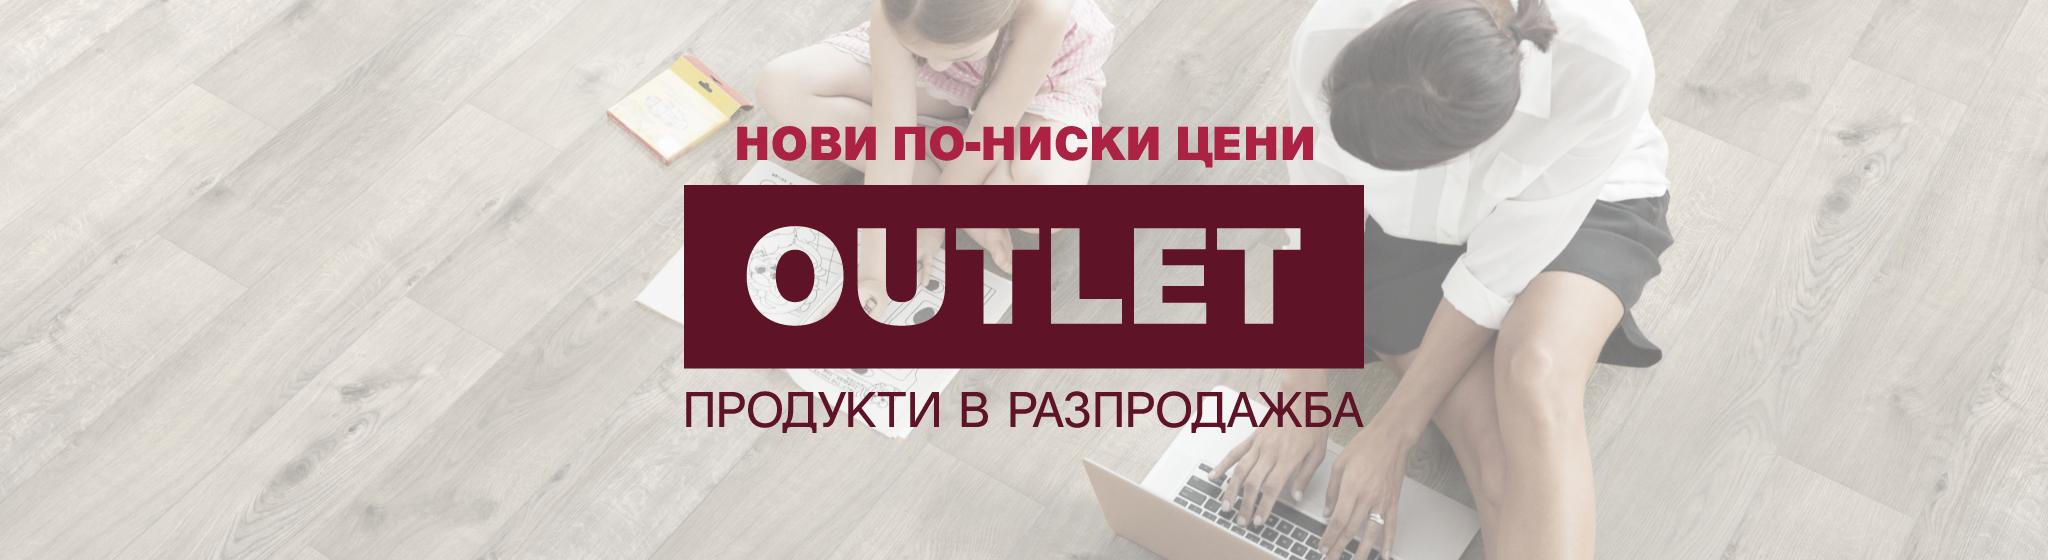 outlet_image_bg